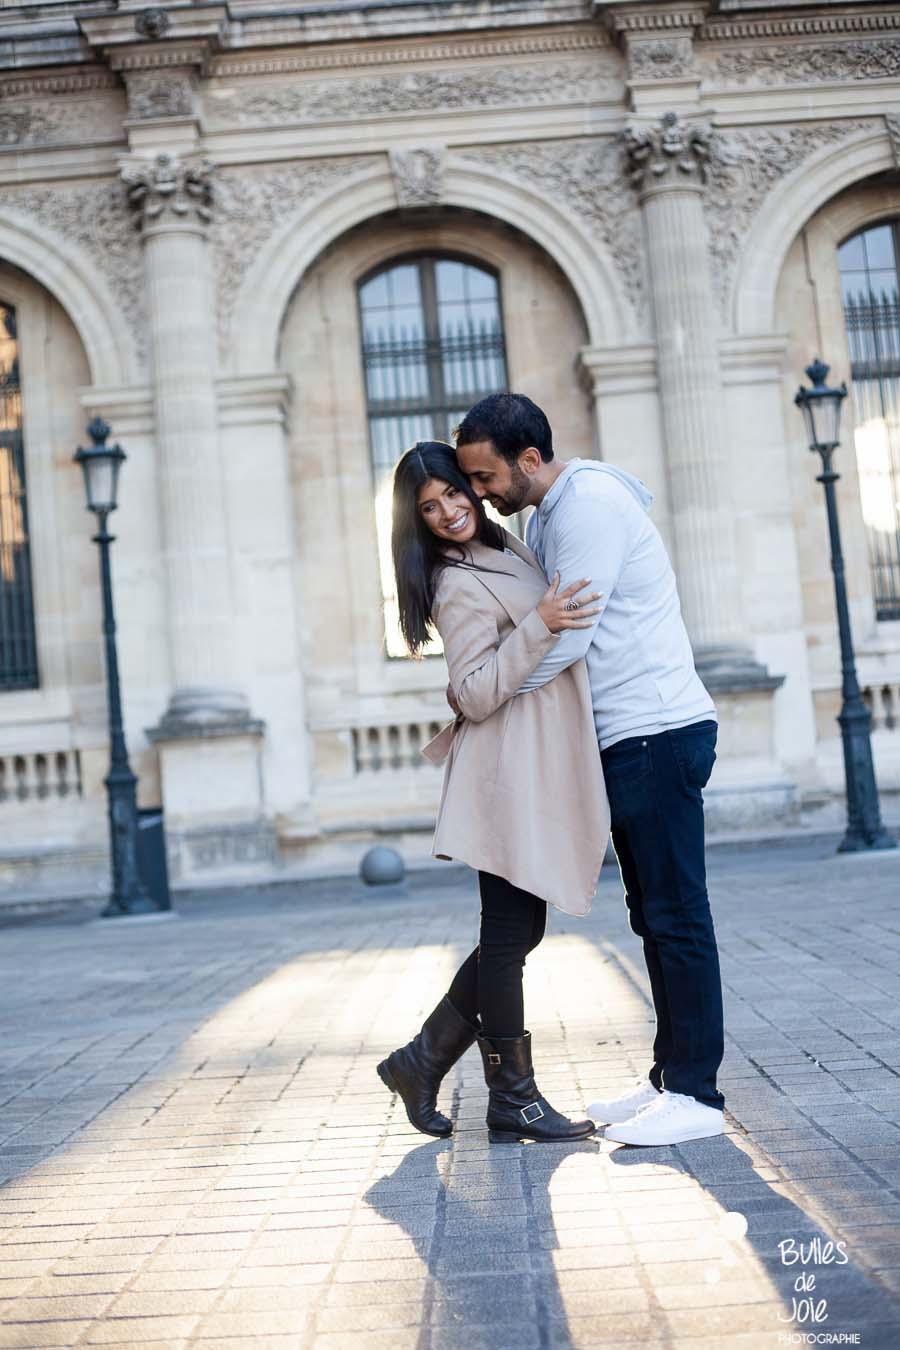 shooting photo couple - amoureux tête contre tête se prenant dans les bras